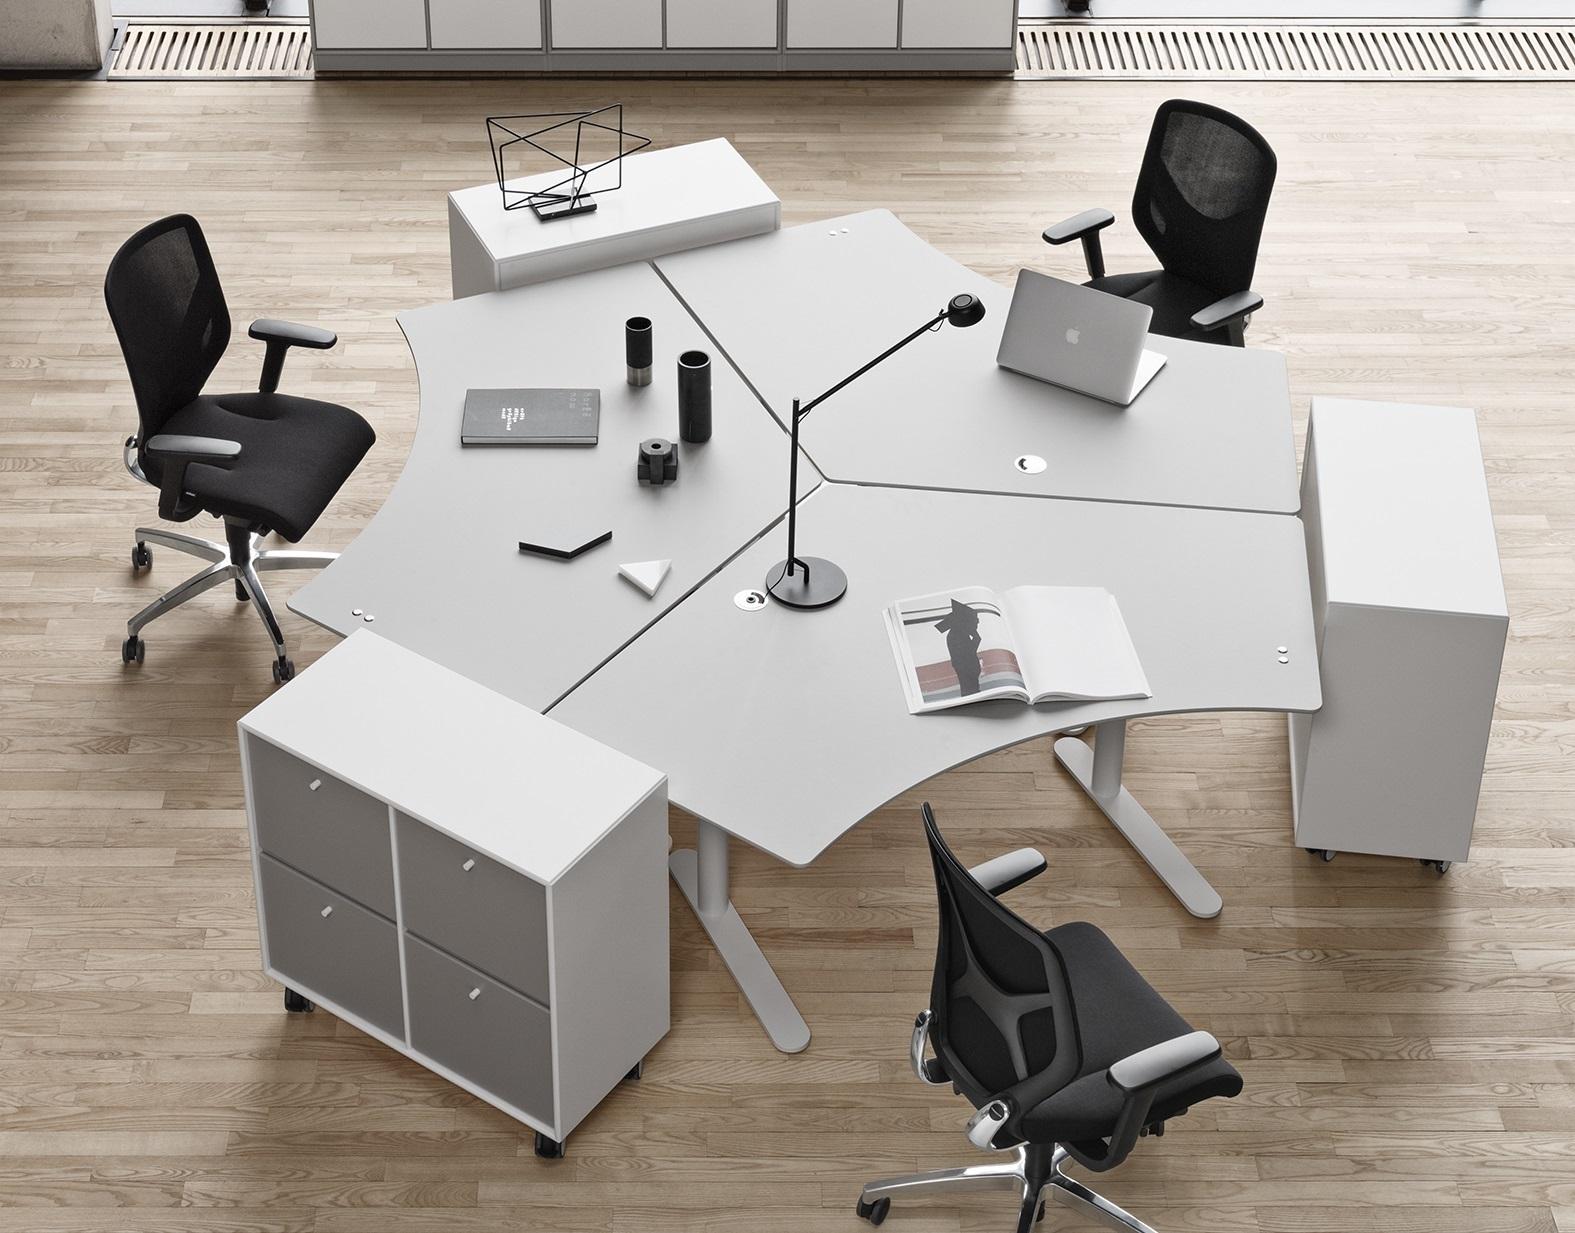 Höhenverstellbare Schreibtische Gruppenarbeitsplatz